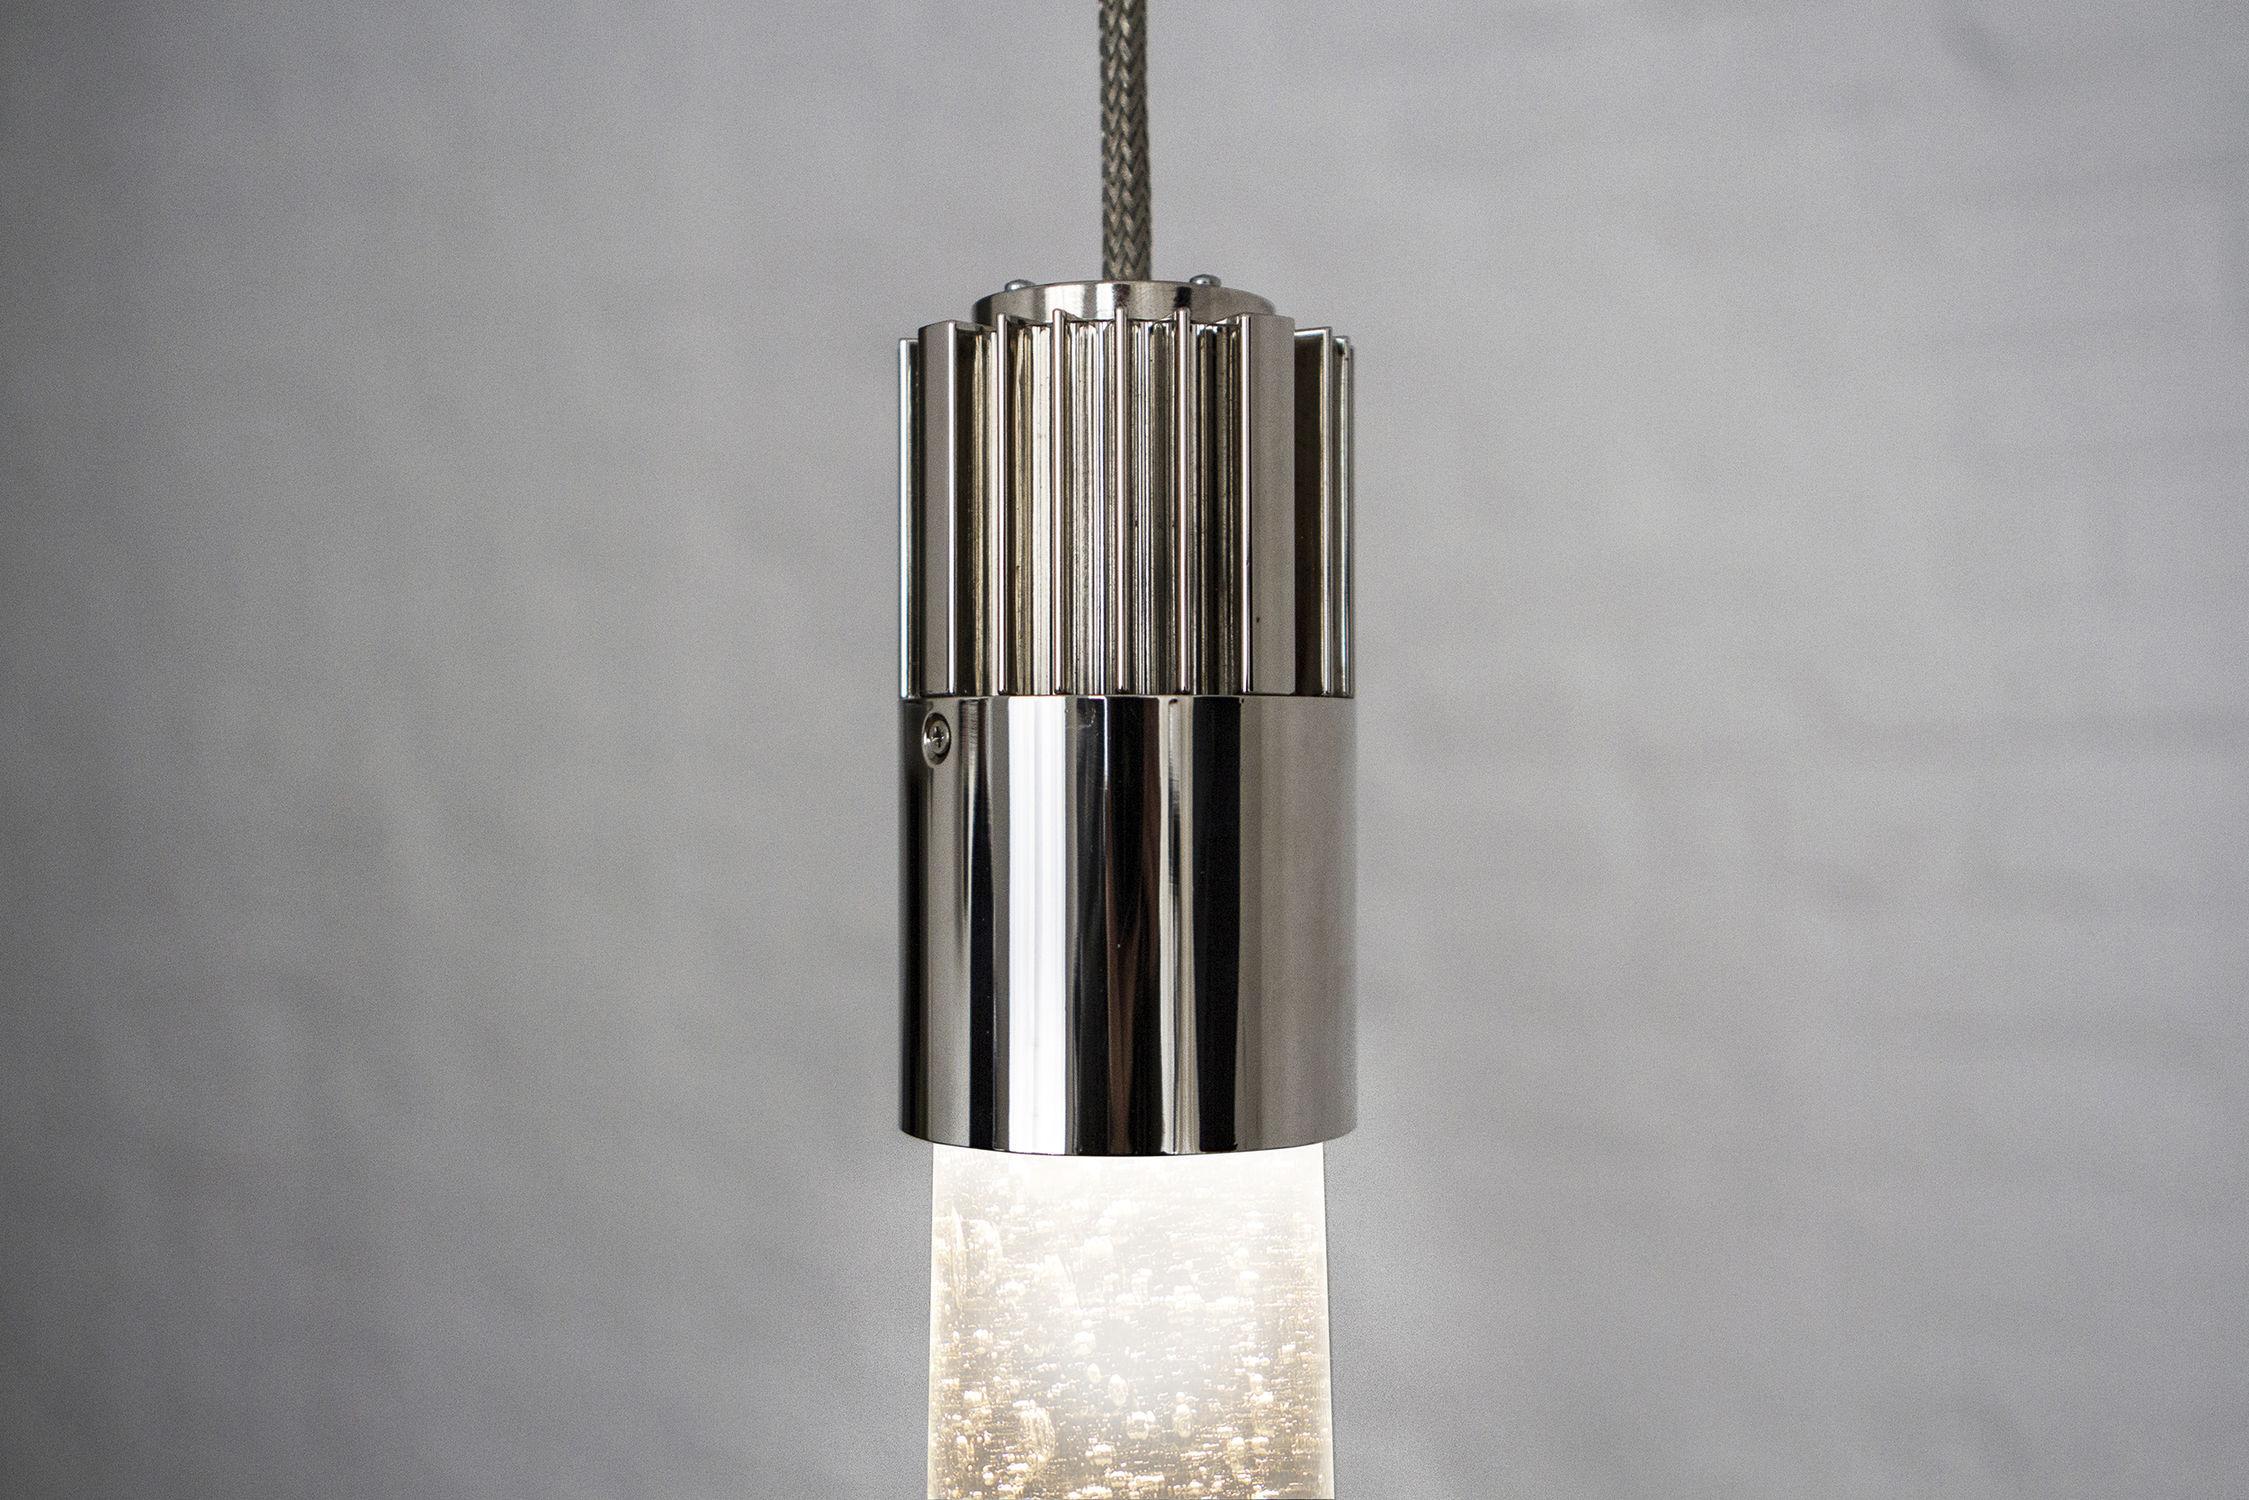 Lampada a sospensione moderna in vetro led grand piston